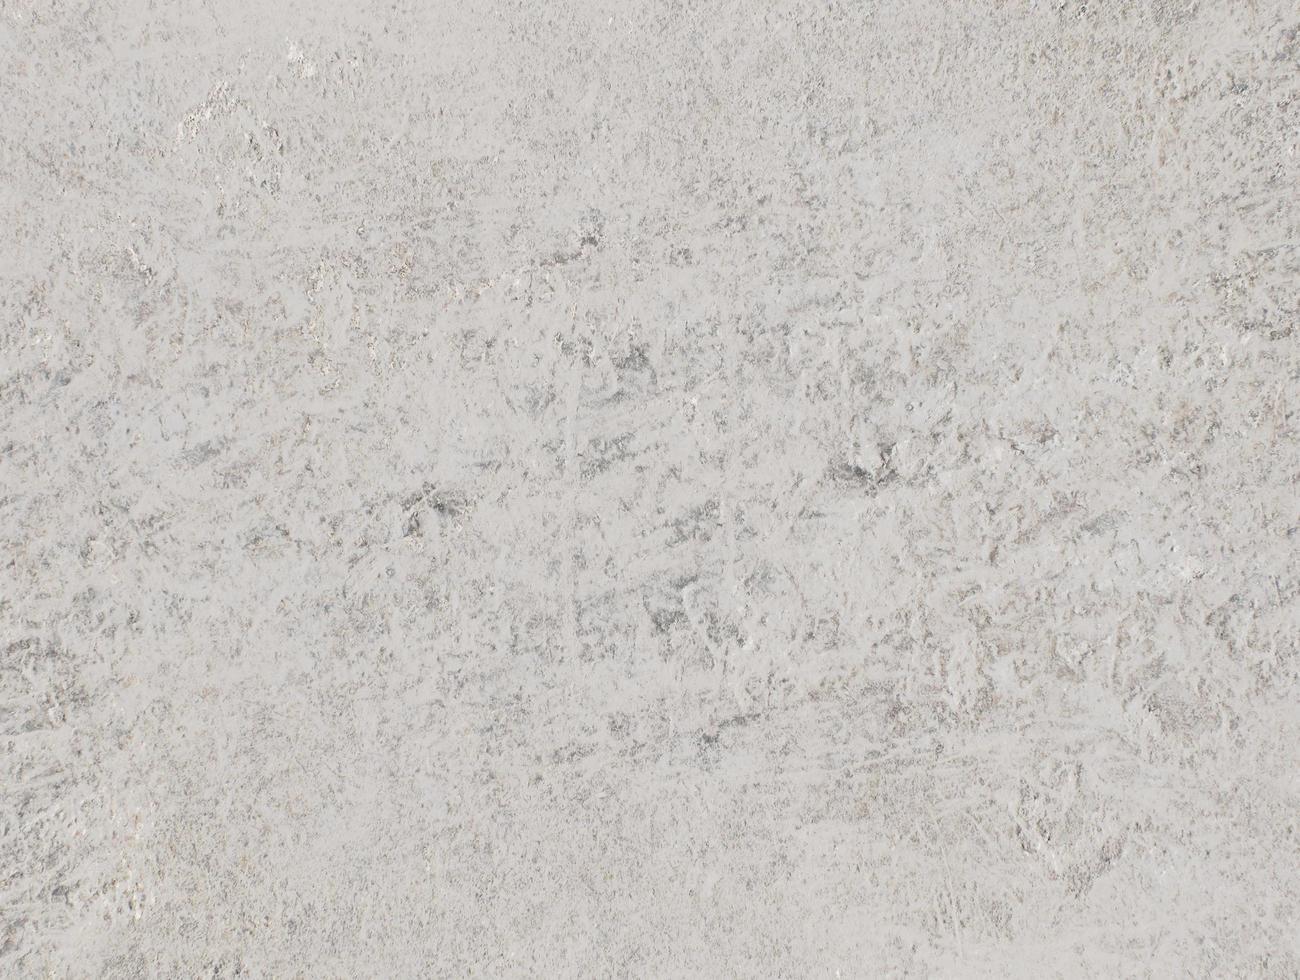 Grunge Betonwand Textur foto